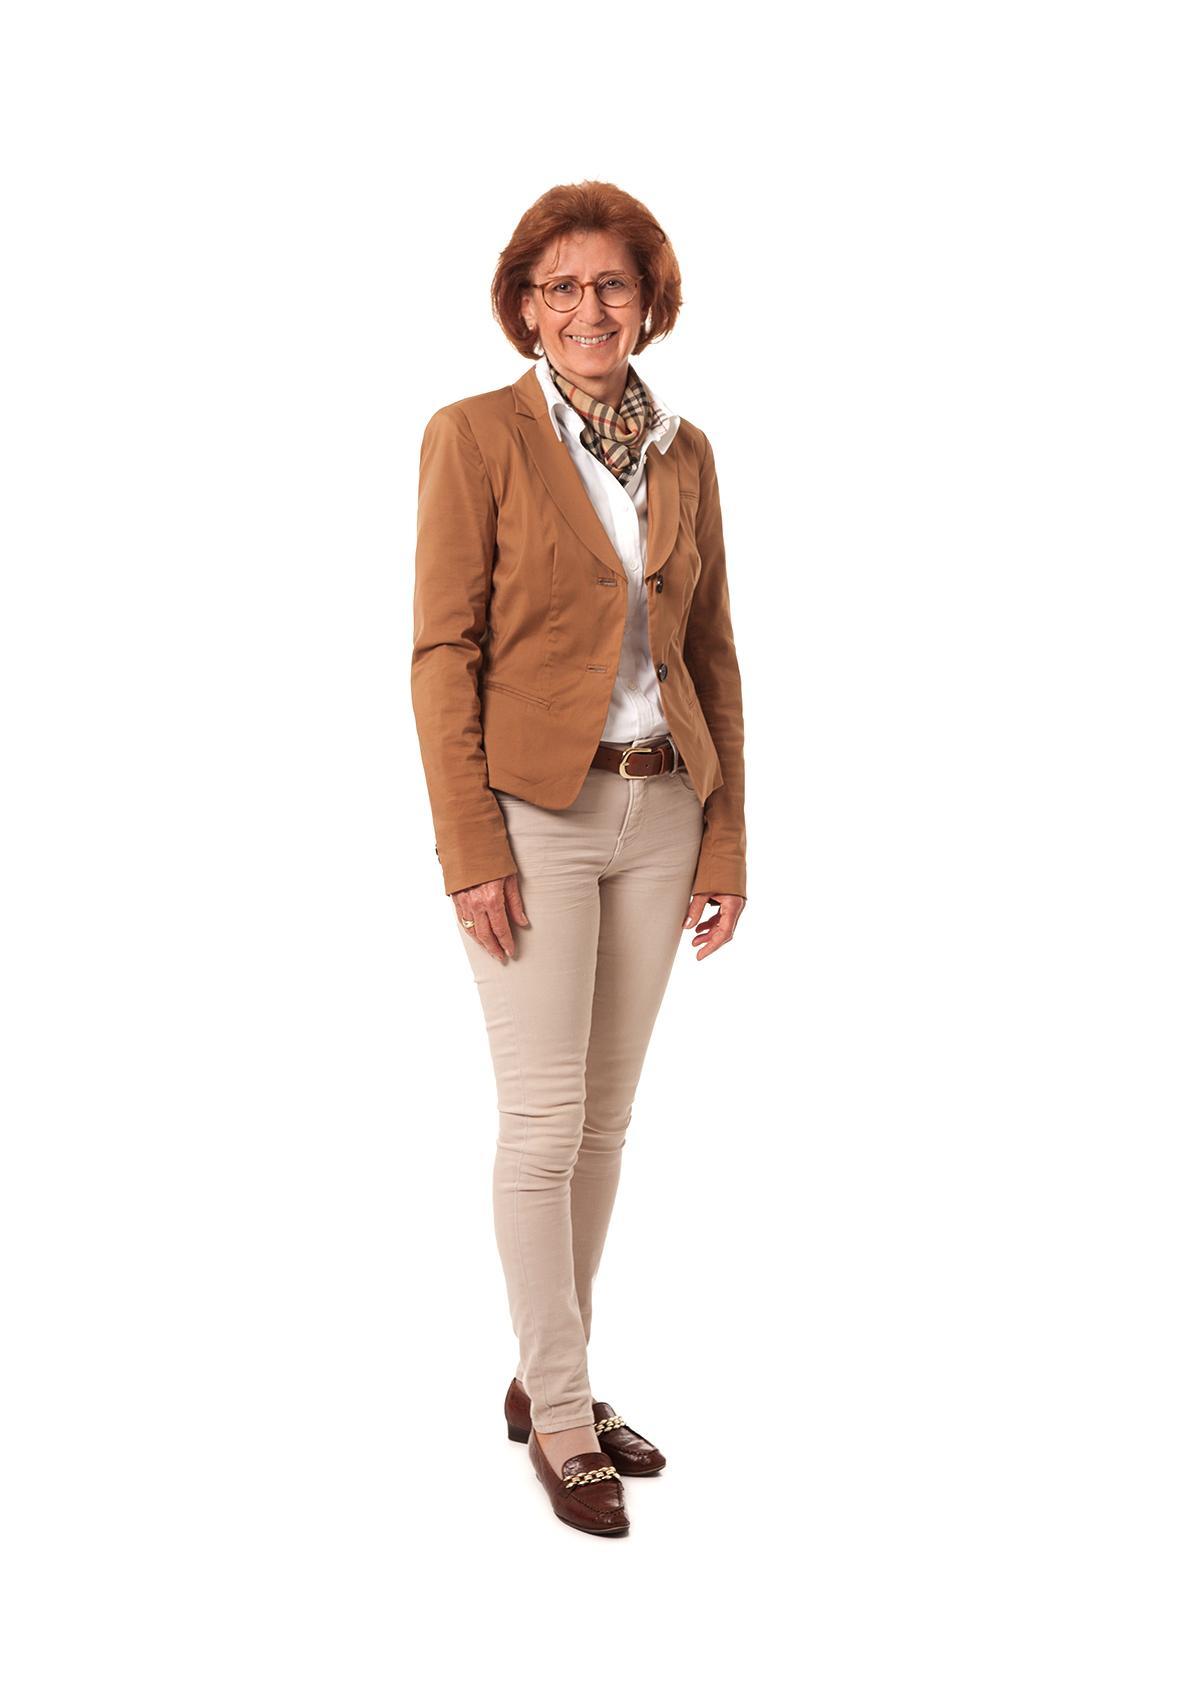 Helga Schäffler